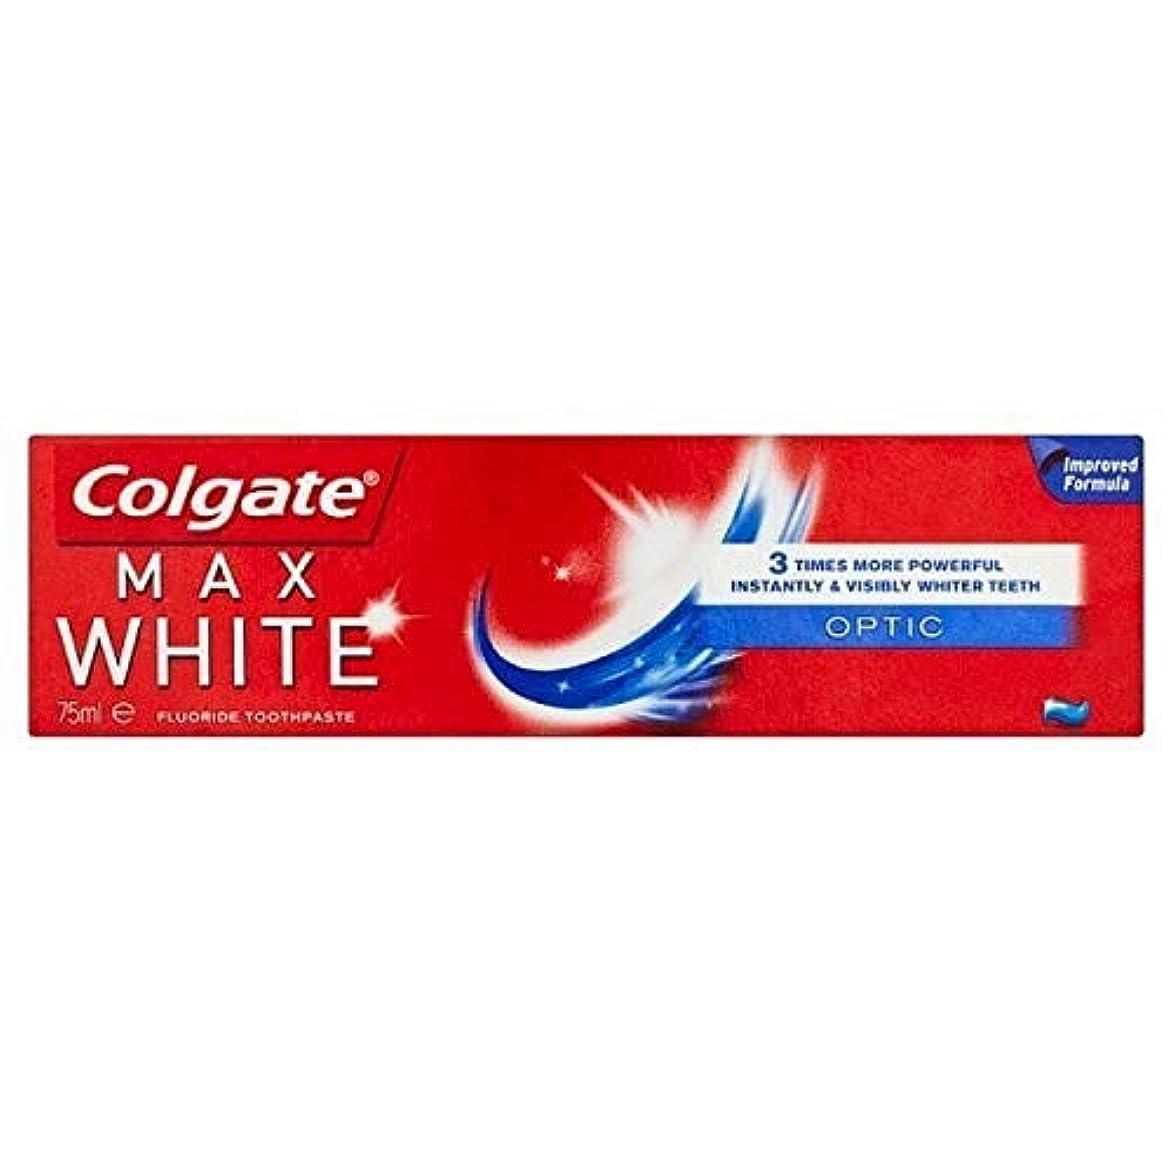 良心的焦げグラス[Colgate ] コルゲート最大白い光ホワイトニング歯磨き粉75ミリリットル - Colgate Max White Optic Whitening Toothpaste 75ml [並行輸入品]